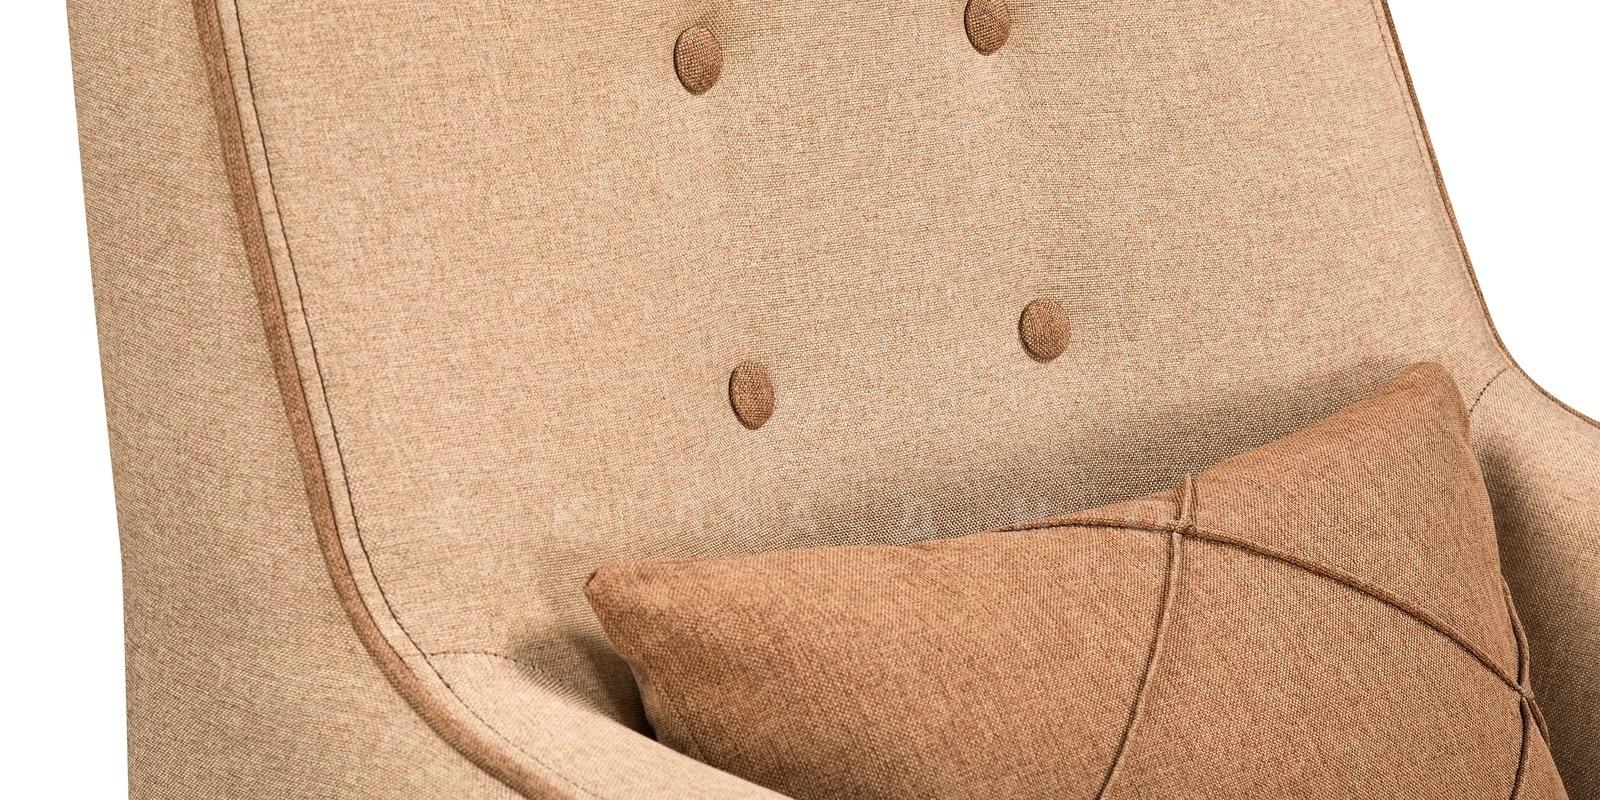 Кресло Флэтфорд рогожка бежевая с коричневым кантом фото 7 | интернет-магазин Складно